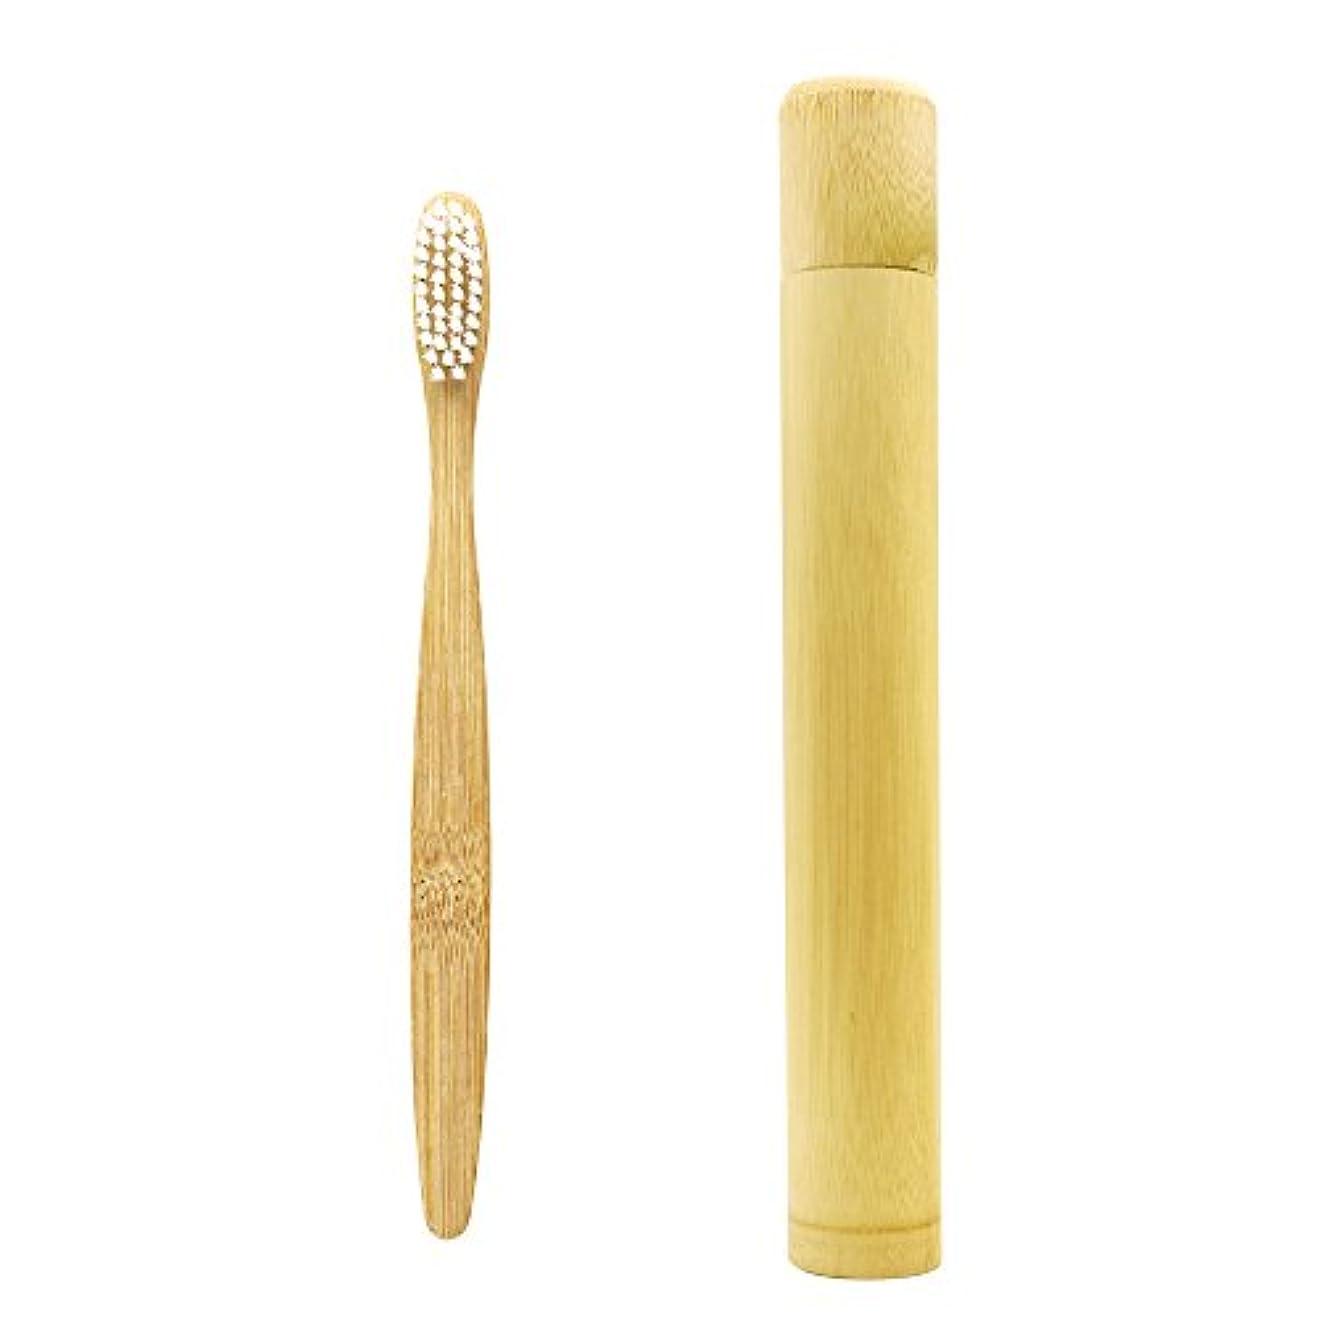 不規則性のために嫌がらせN-amboo 竹製耐久度高い 白い歯ブラシ 携帯用 ケース付き セット 軽量 携帯便利 出張旅行